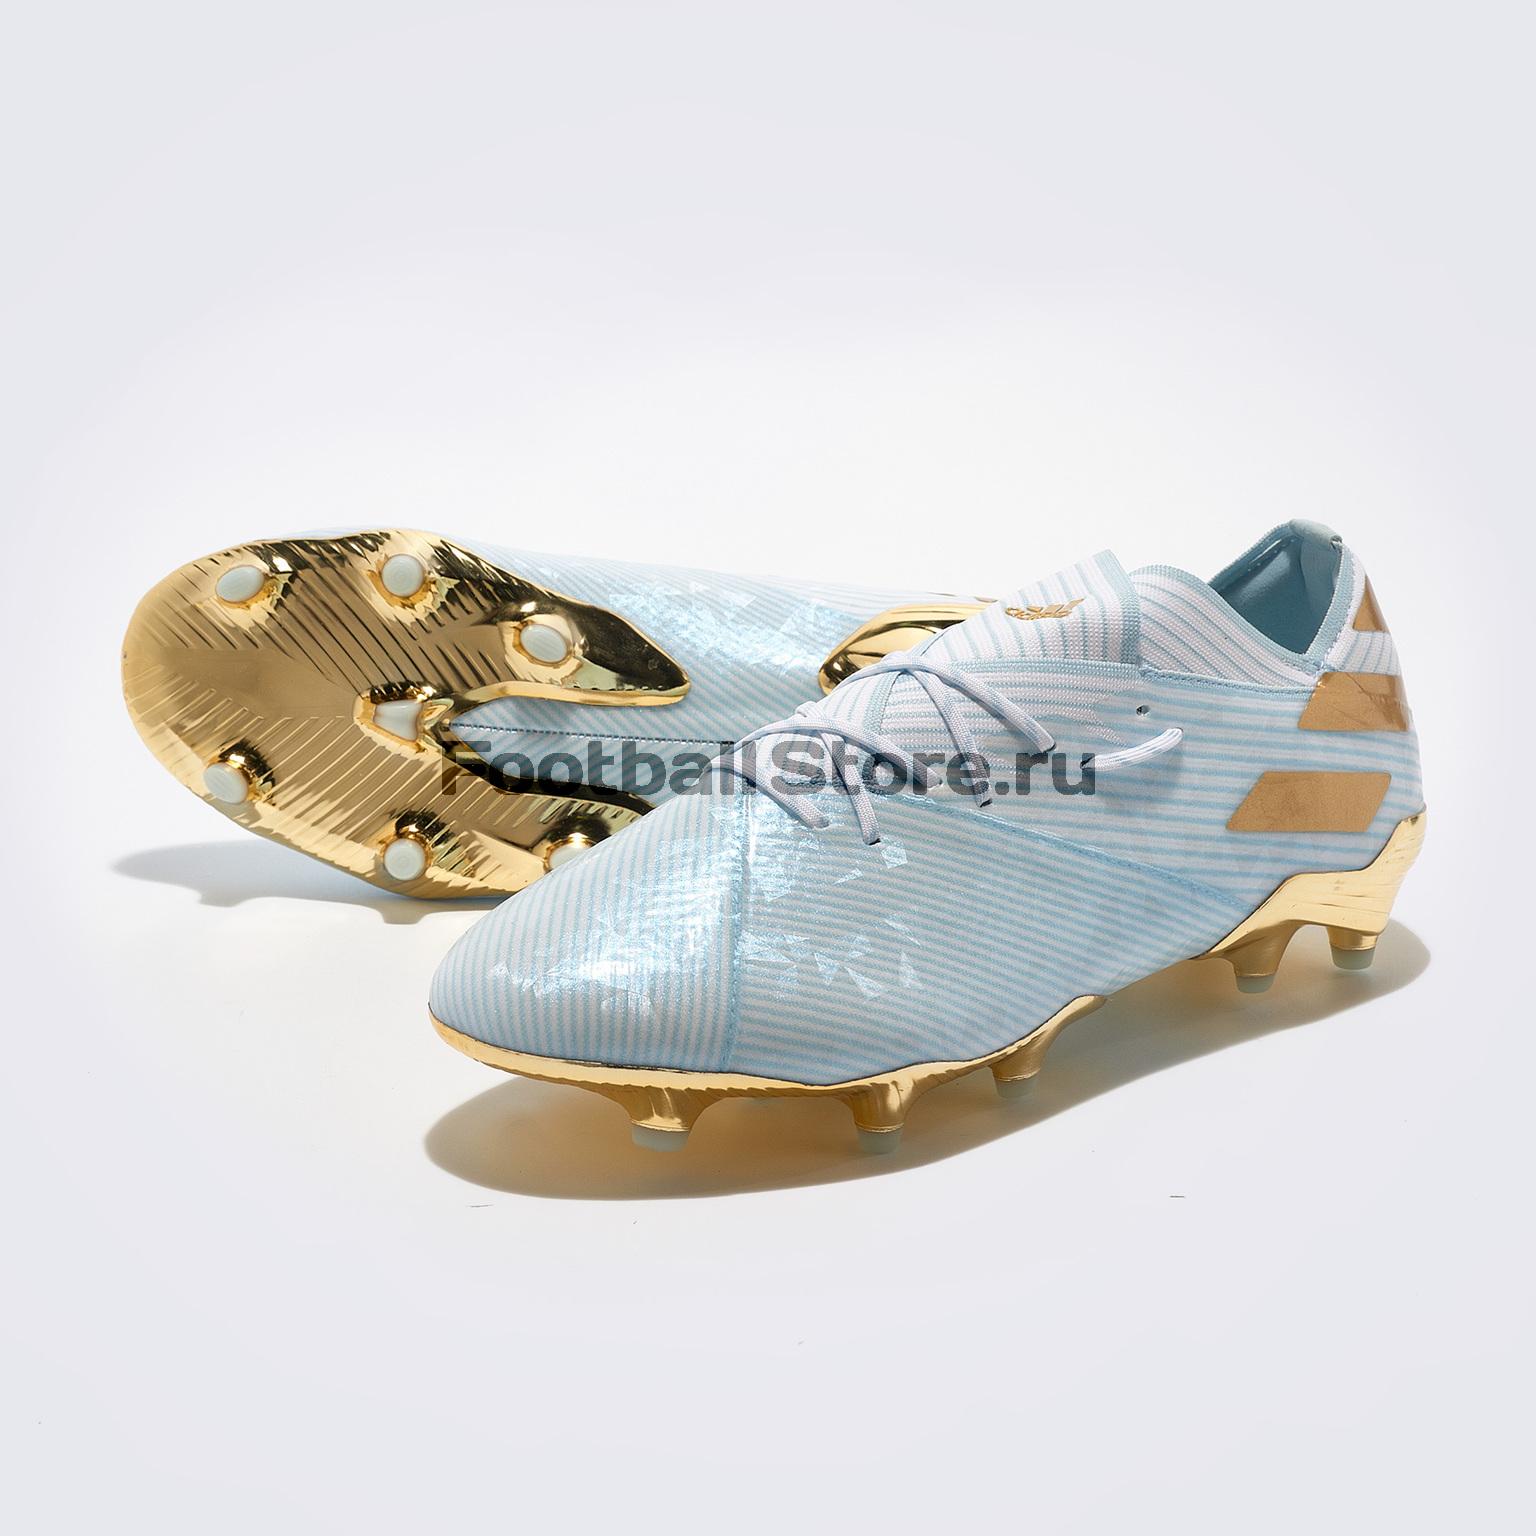 Бутсы Adidas Nemeziz Messi 19.1 FG 15Y EE7849